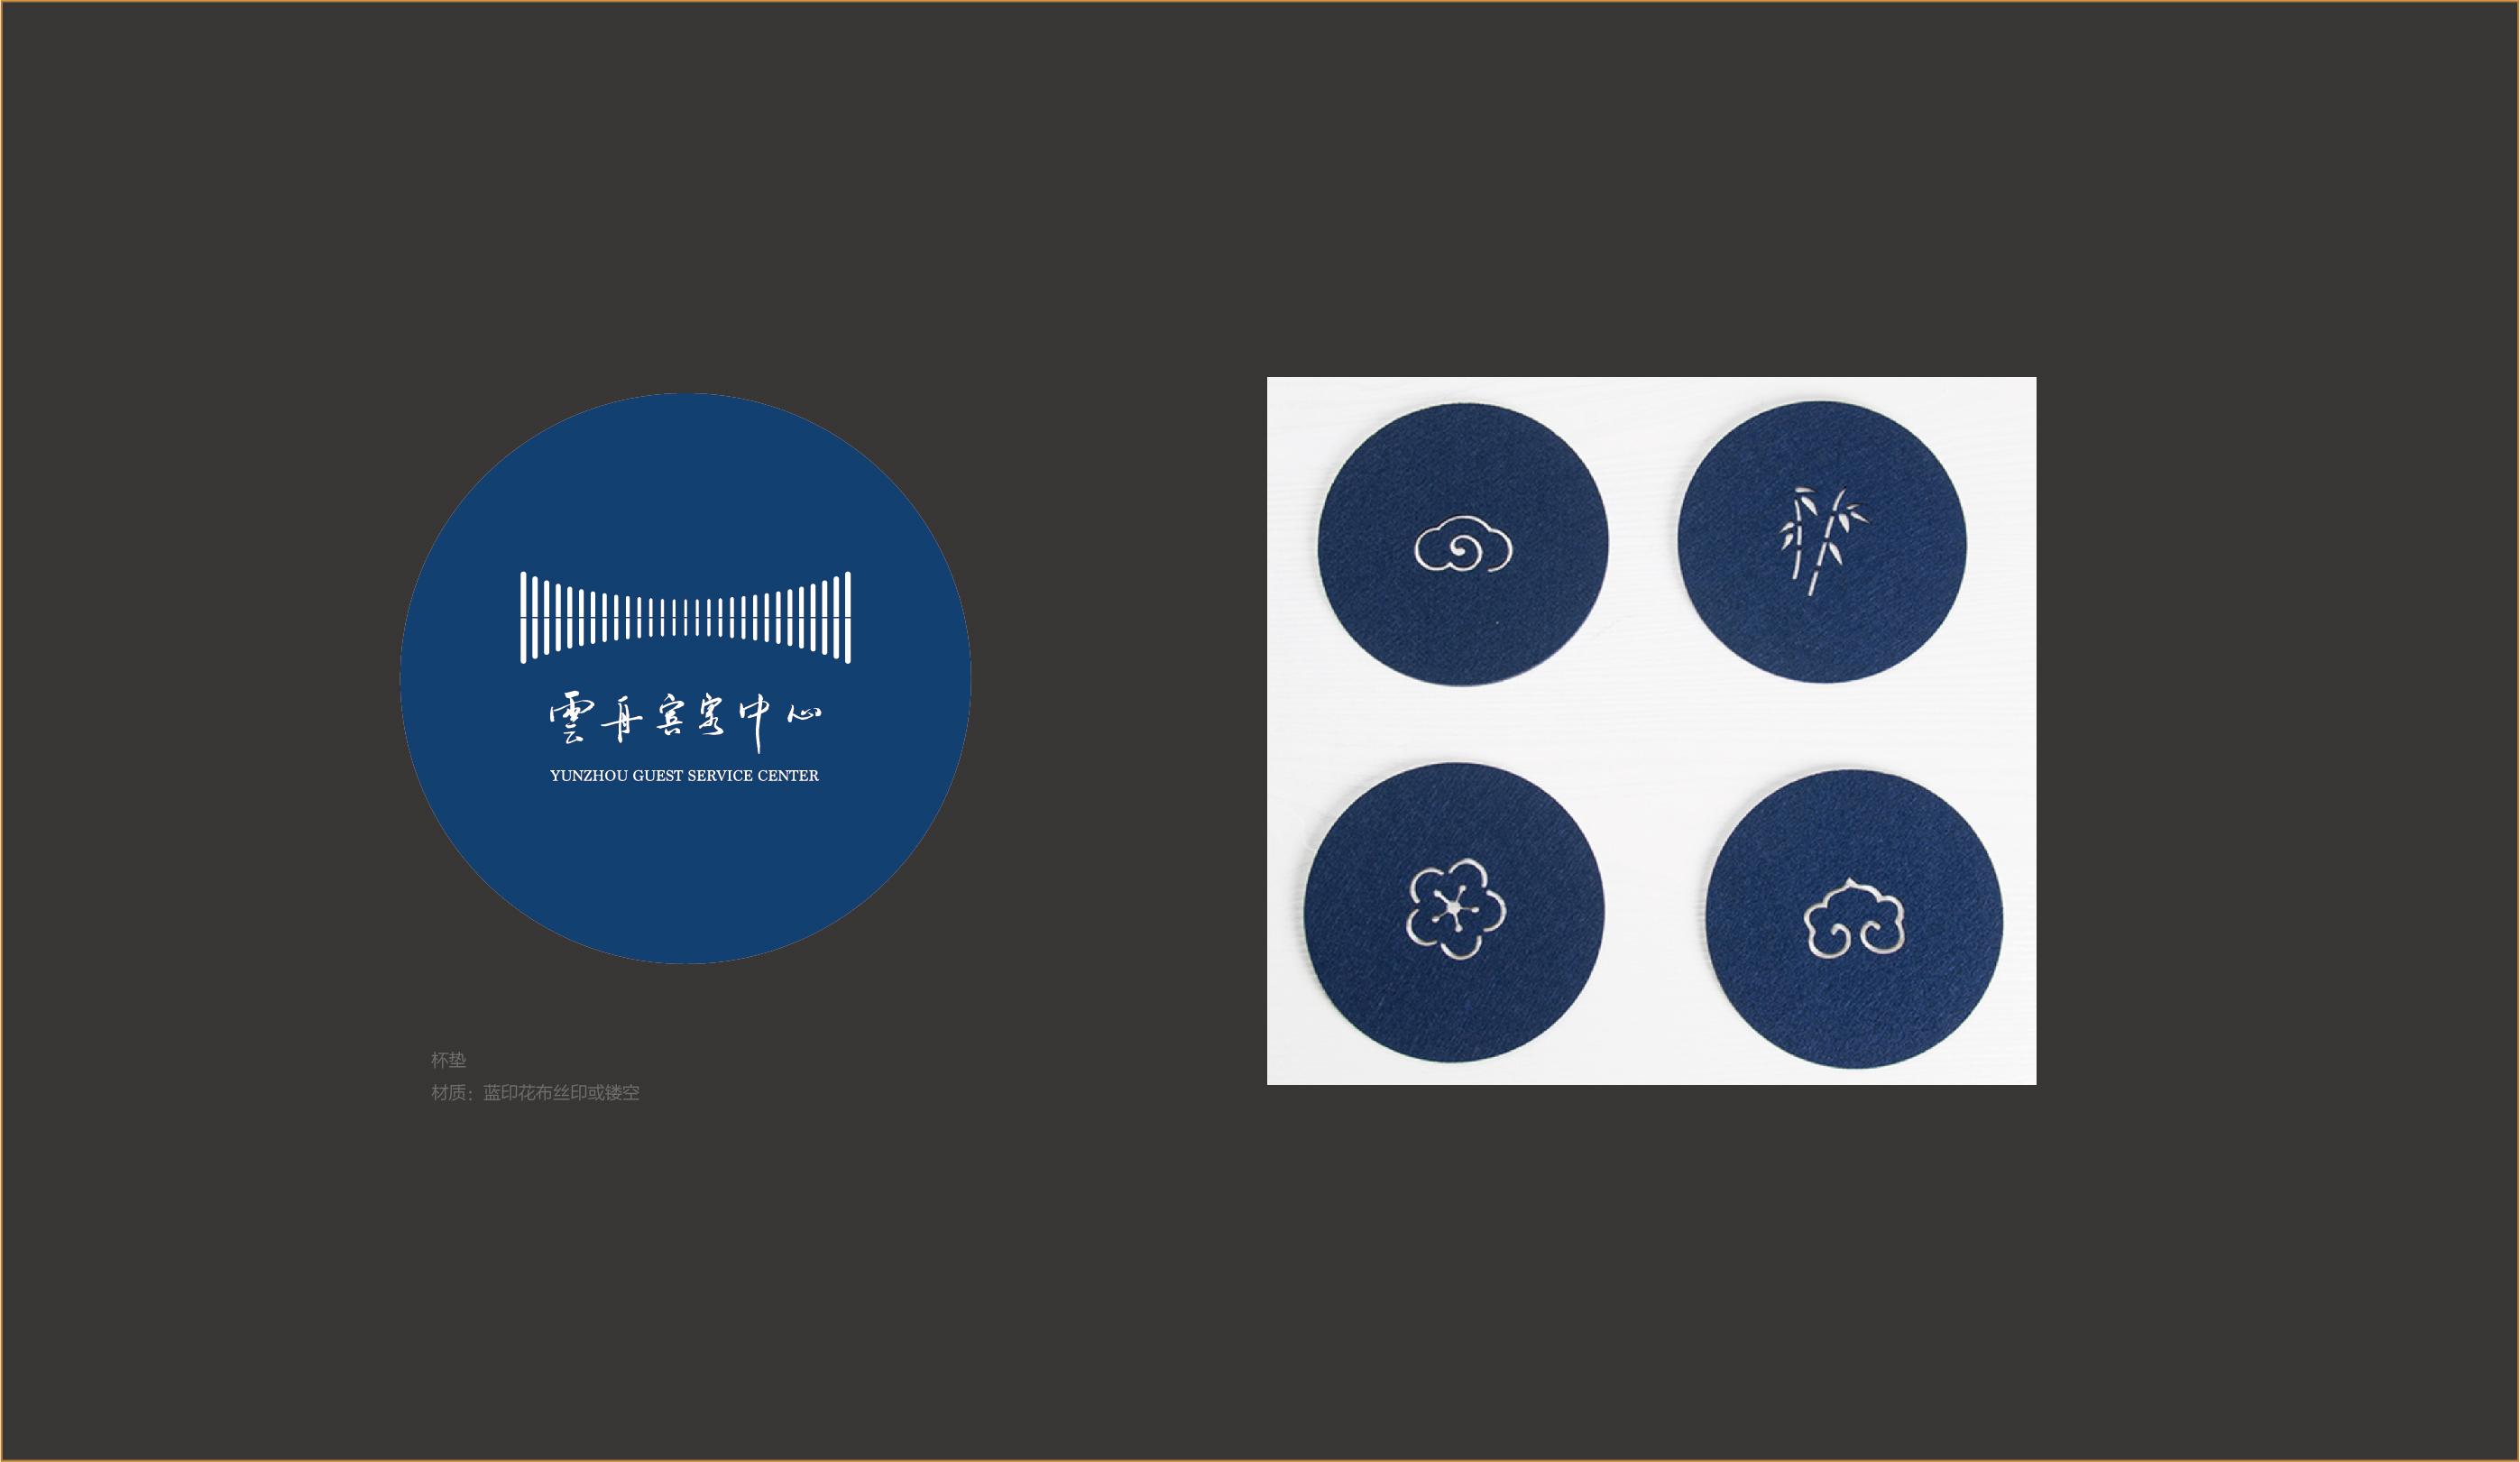 第五届世界互联网大会云舟宾客中心logo设计